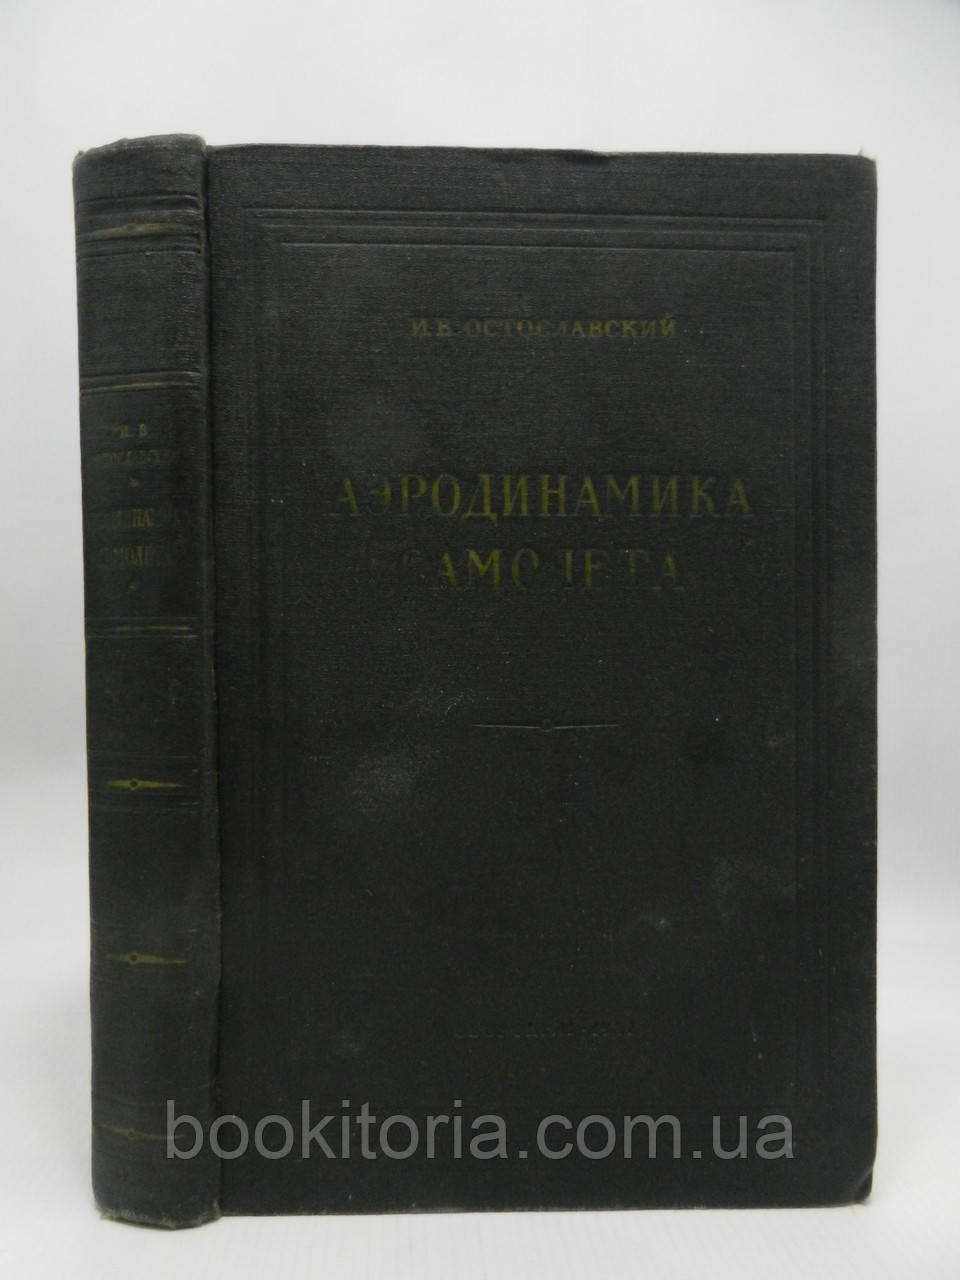 Остославский И.В. Аэродинамика самолета (б/у).